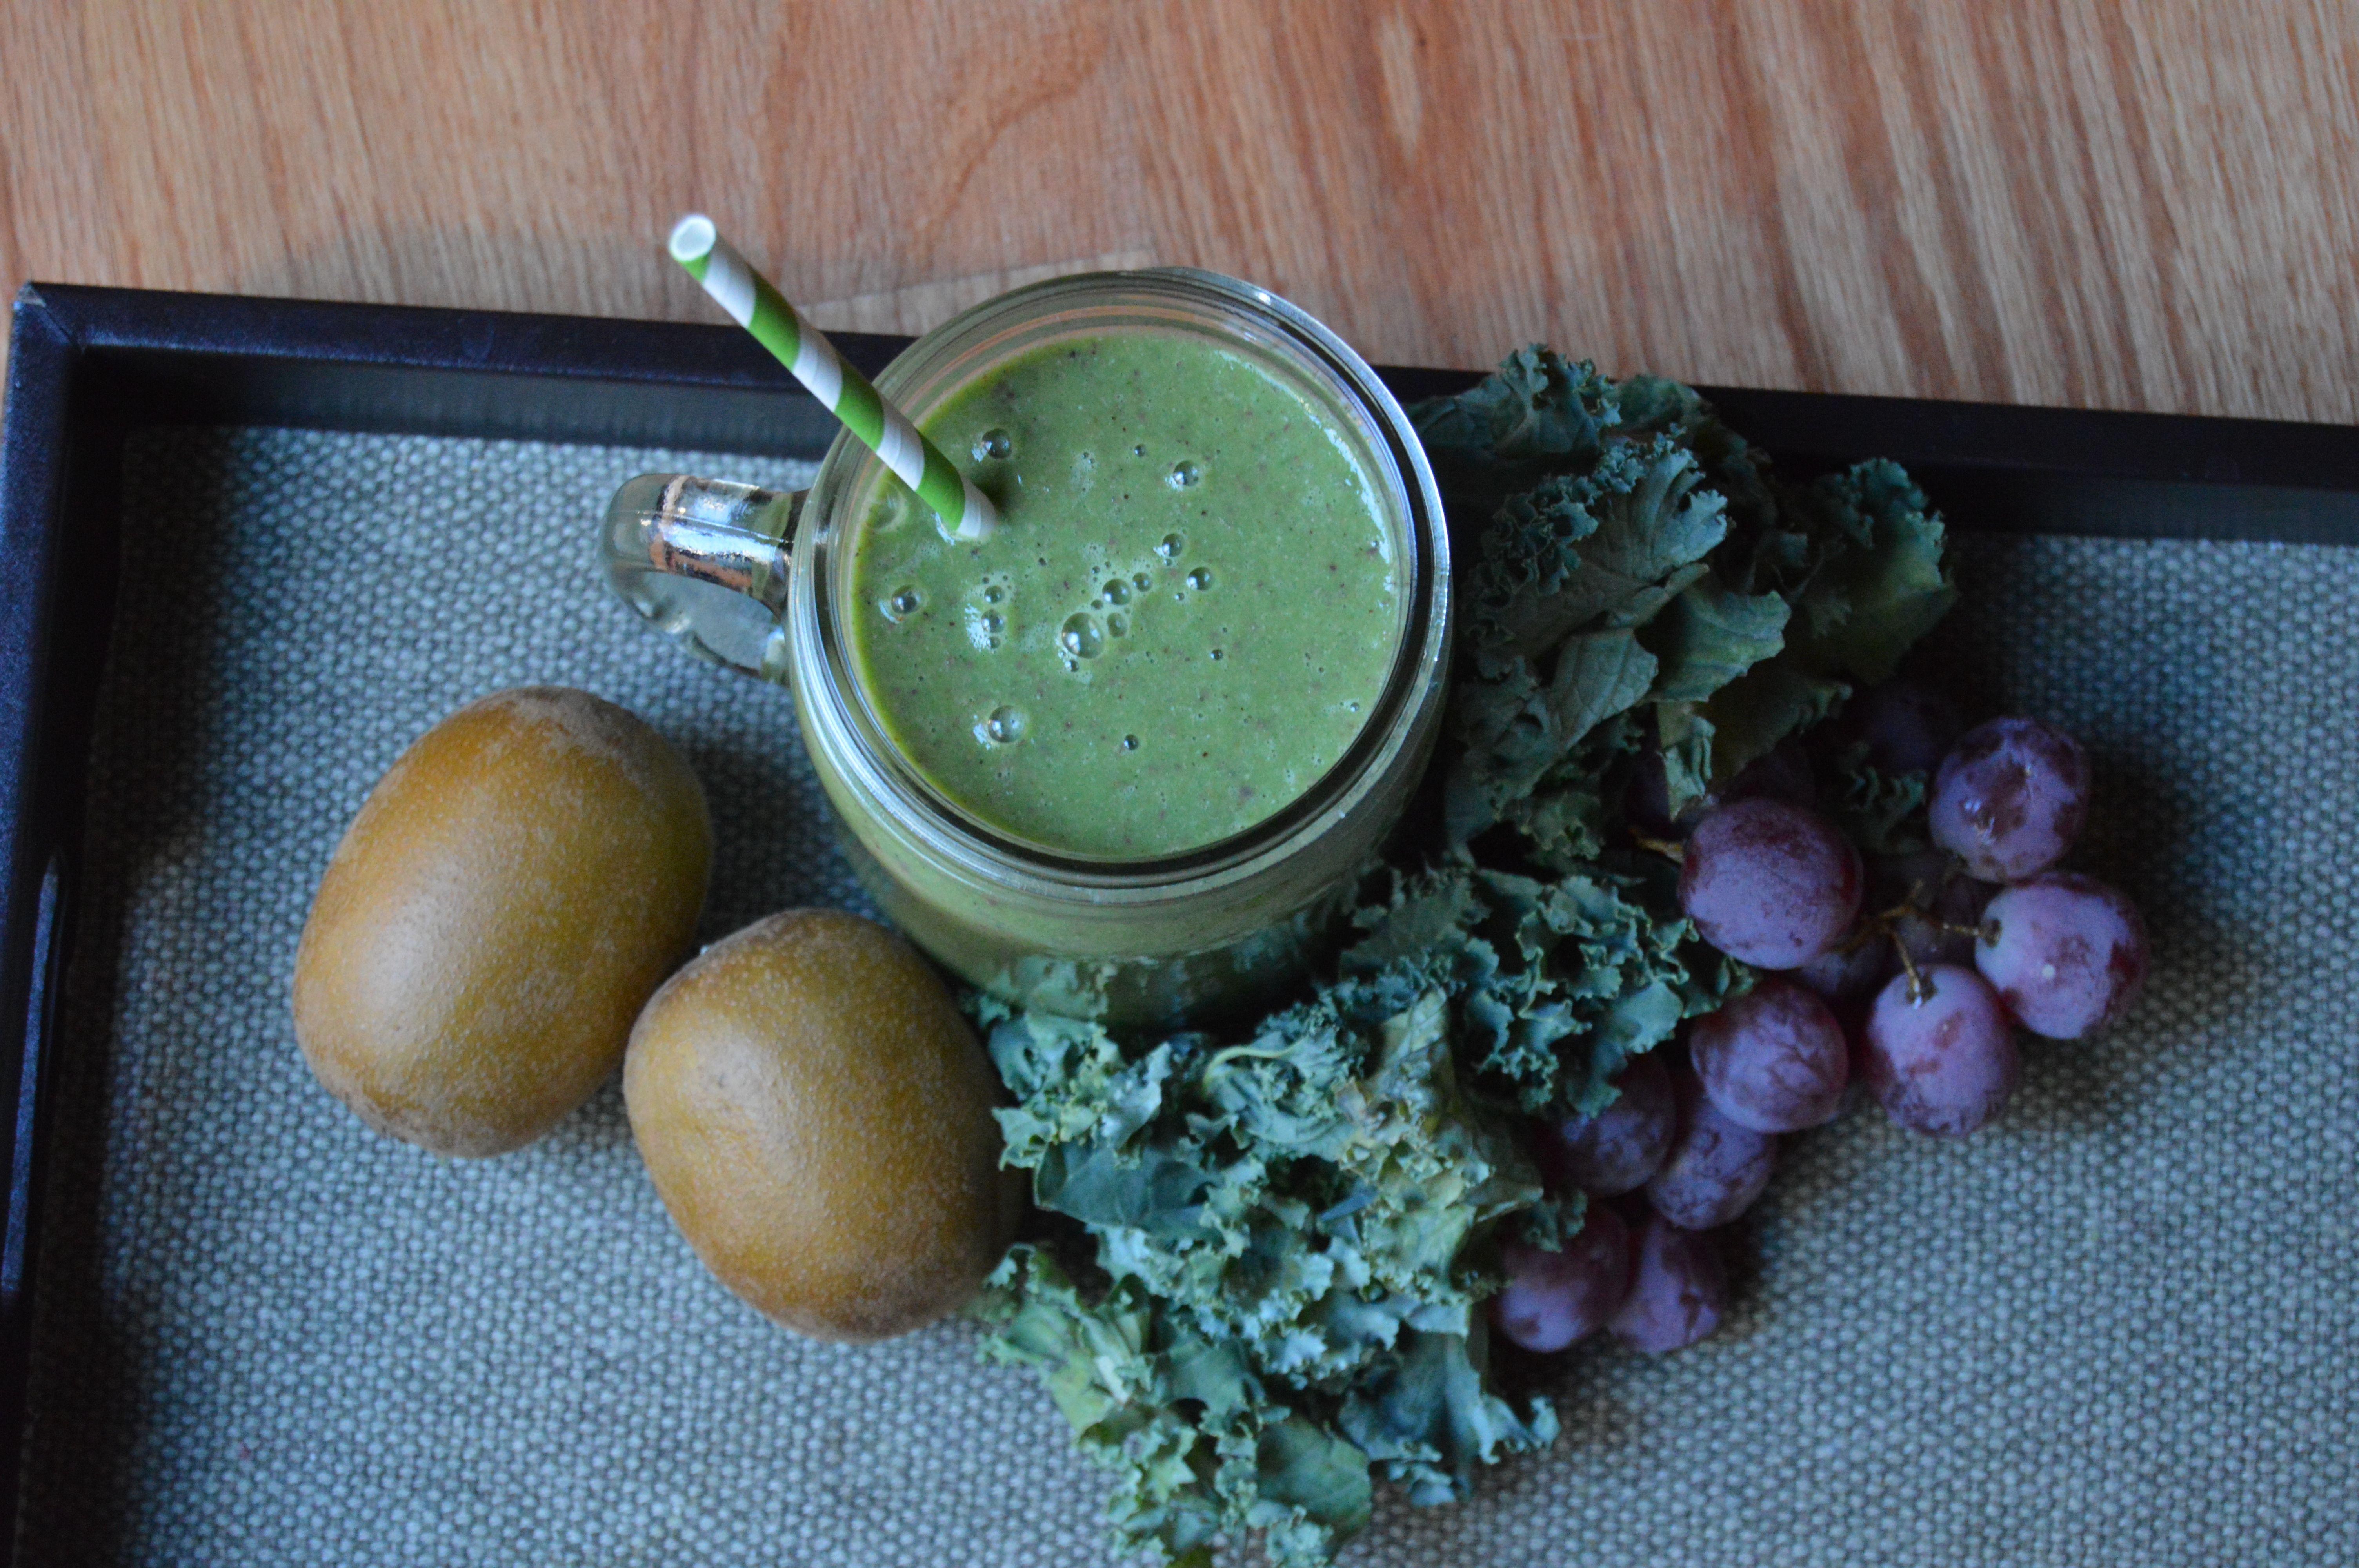 Kiwi Grapes Kale Green Smoothie Recipe ChooseSmoothies